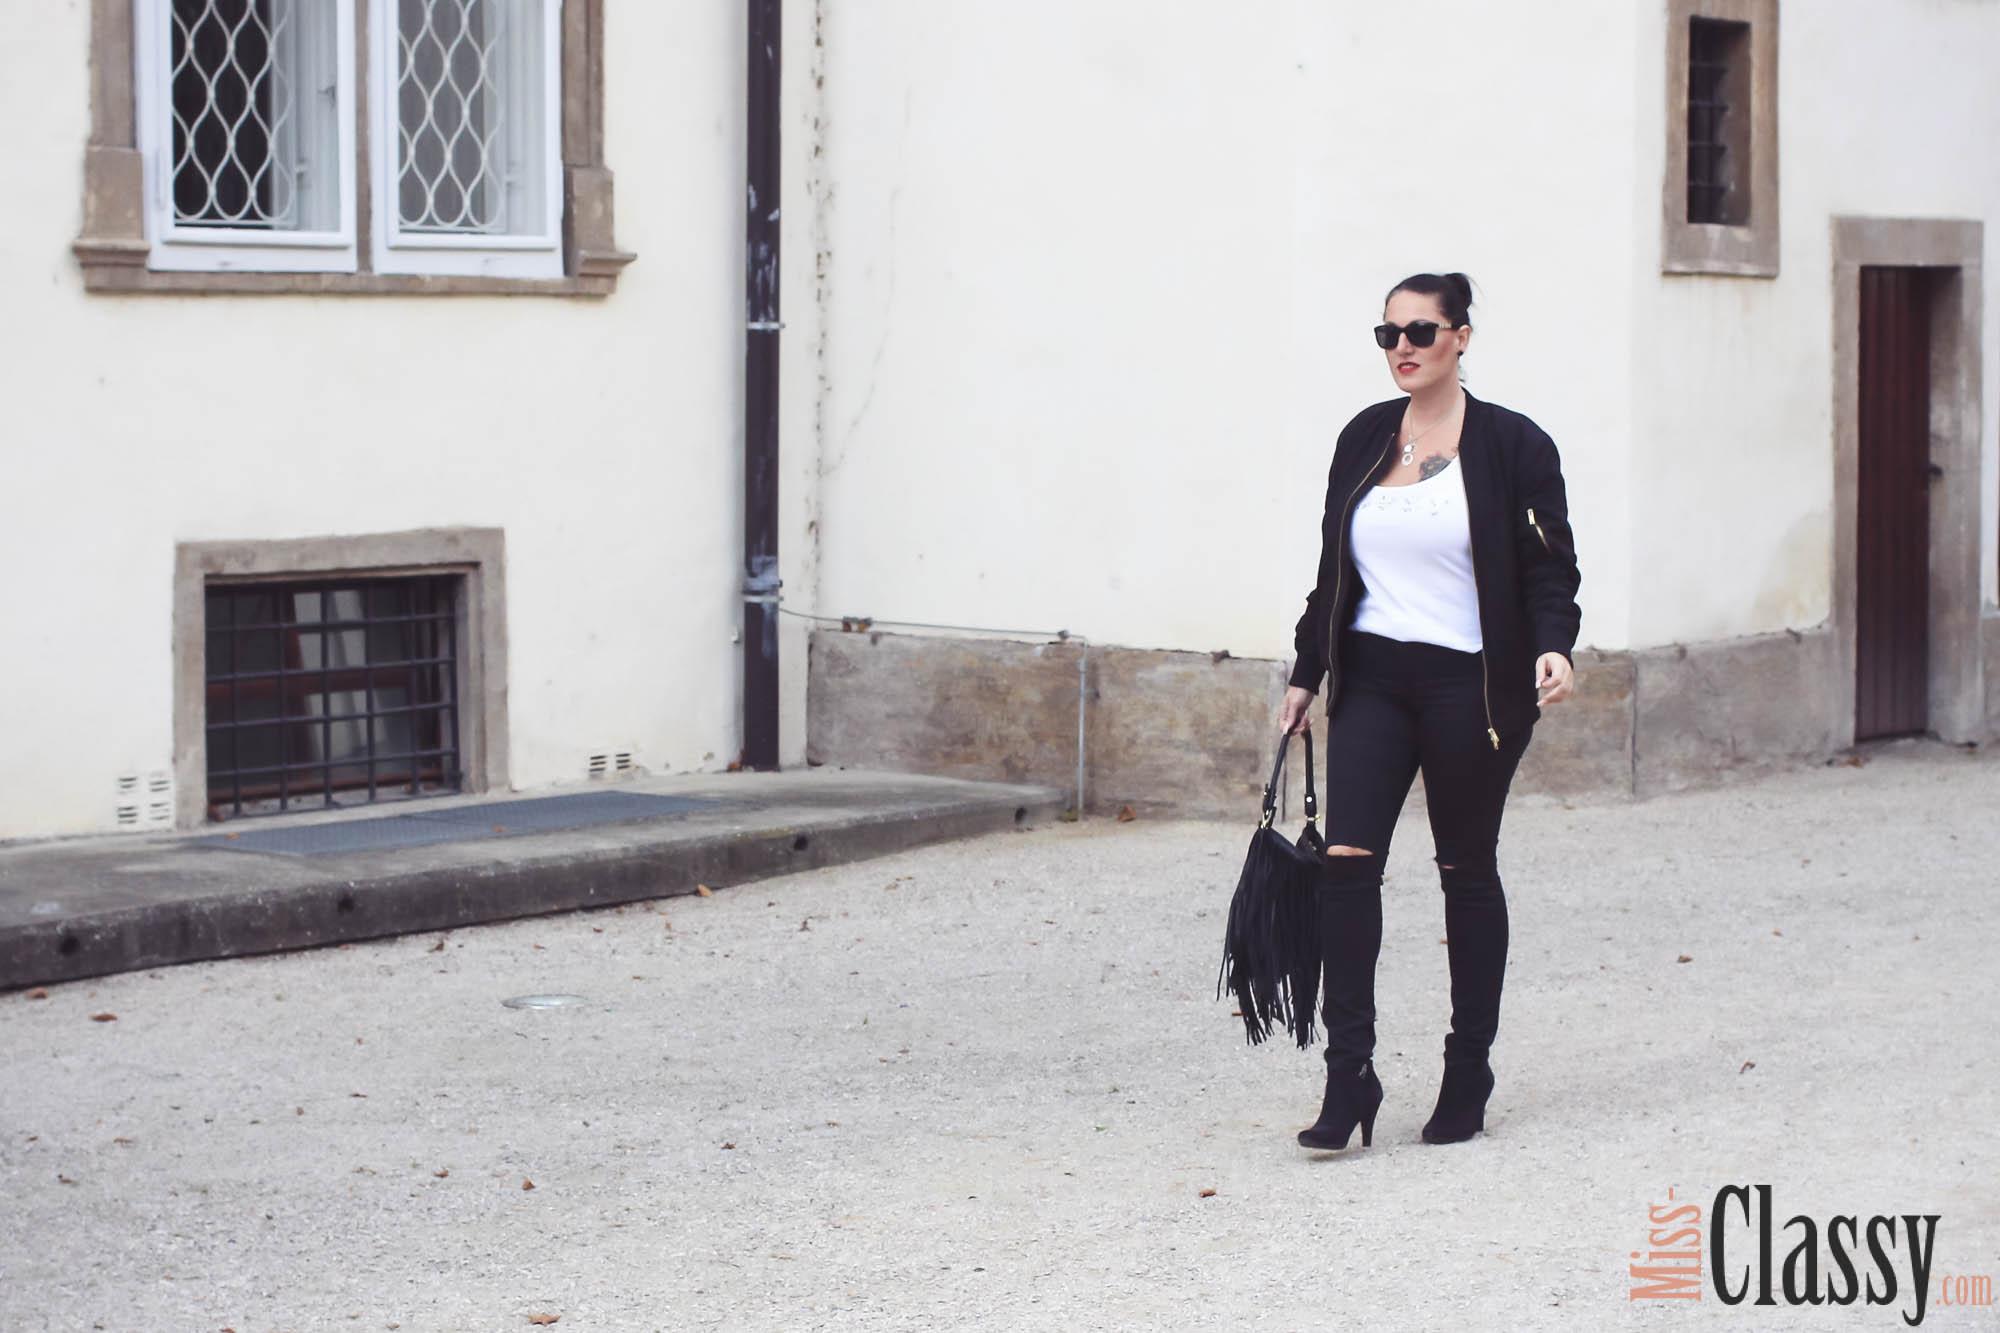 OUTFIT Schwarze Bomberjacke mit ripped Jeans und Fransentasche - Stiefelette - Guess - MAC Lippenstift - Graz - Orangerie im Burggarten, Bomberjacke Lippenstift, Miss Classy, miss-classy.com